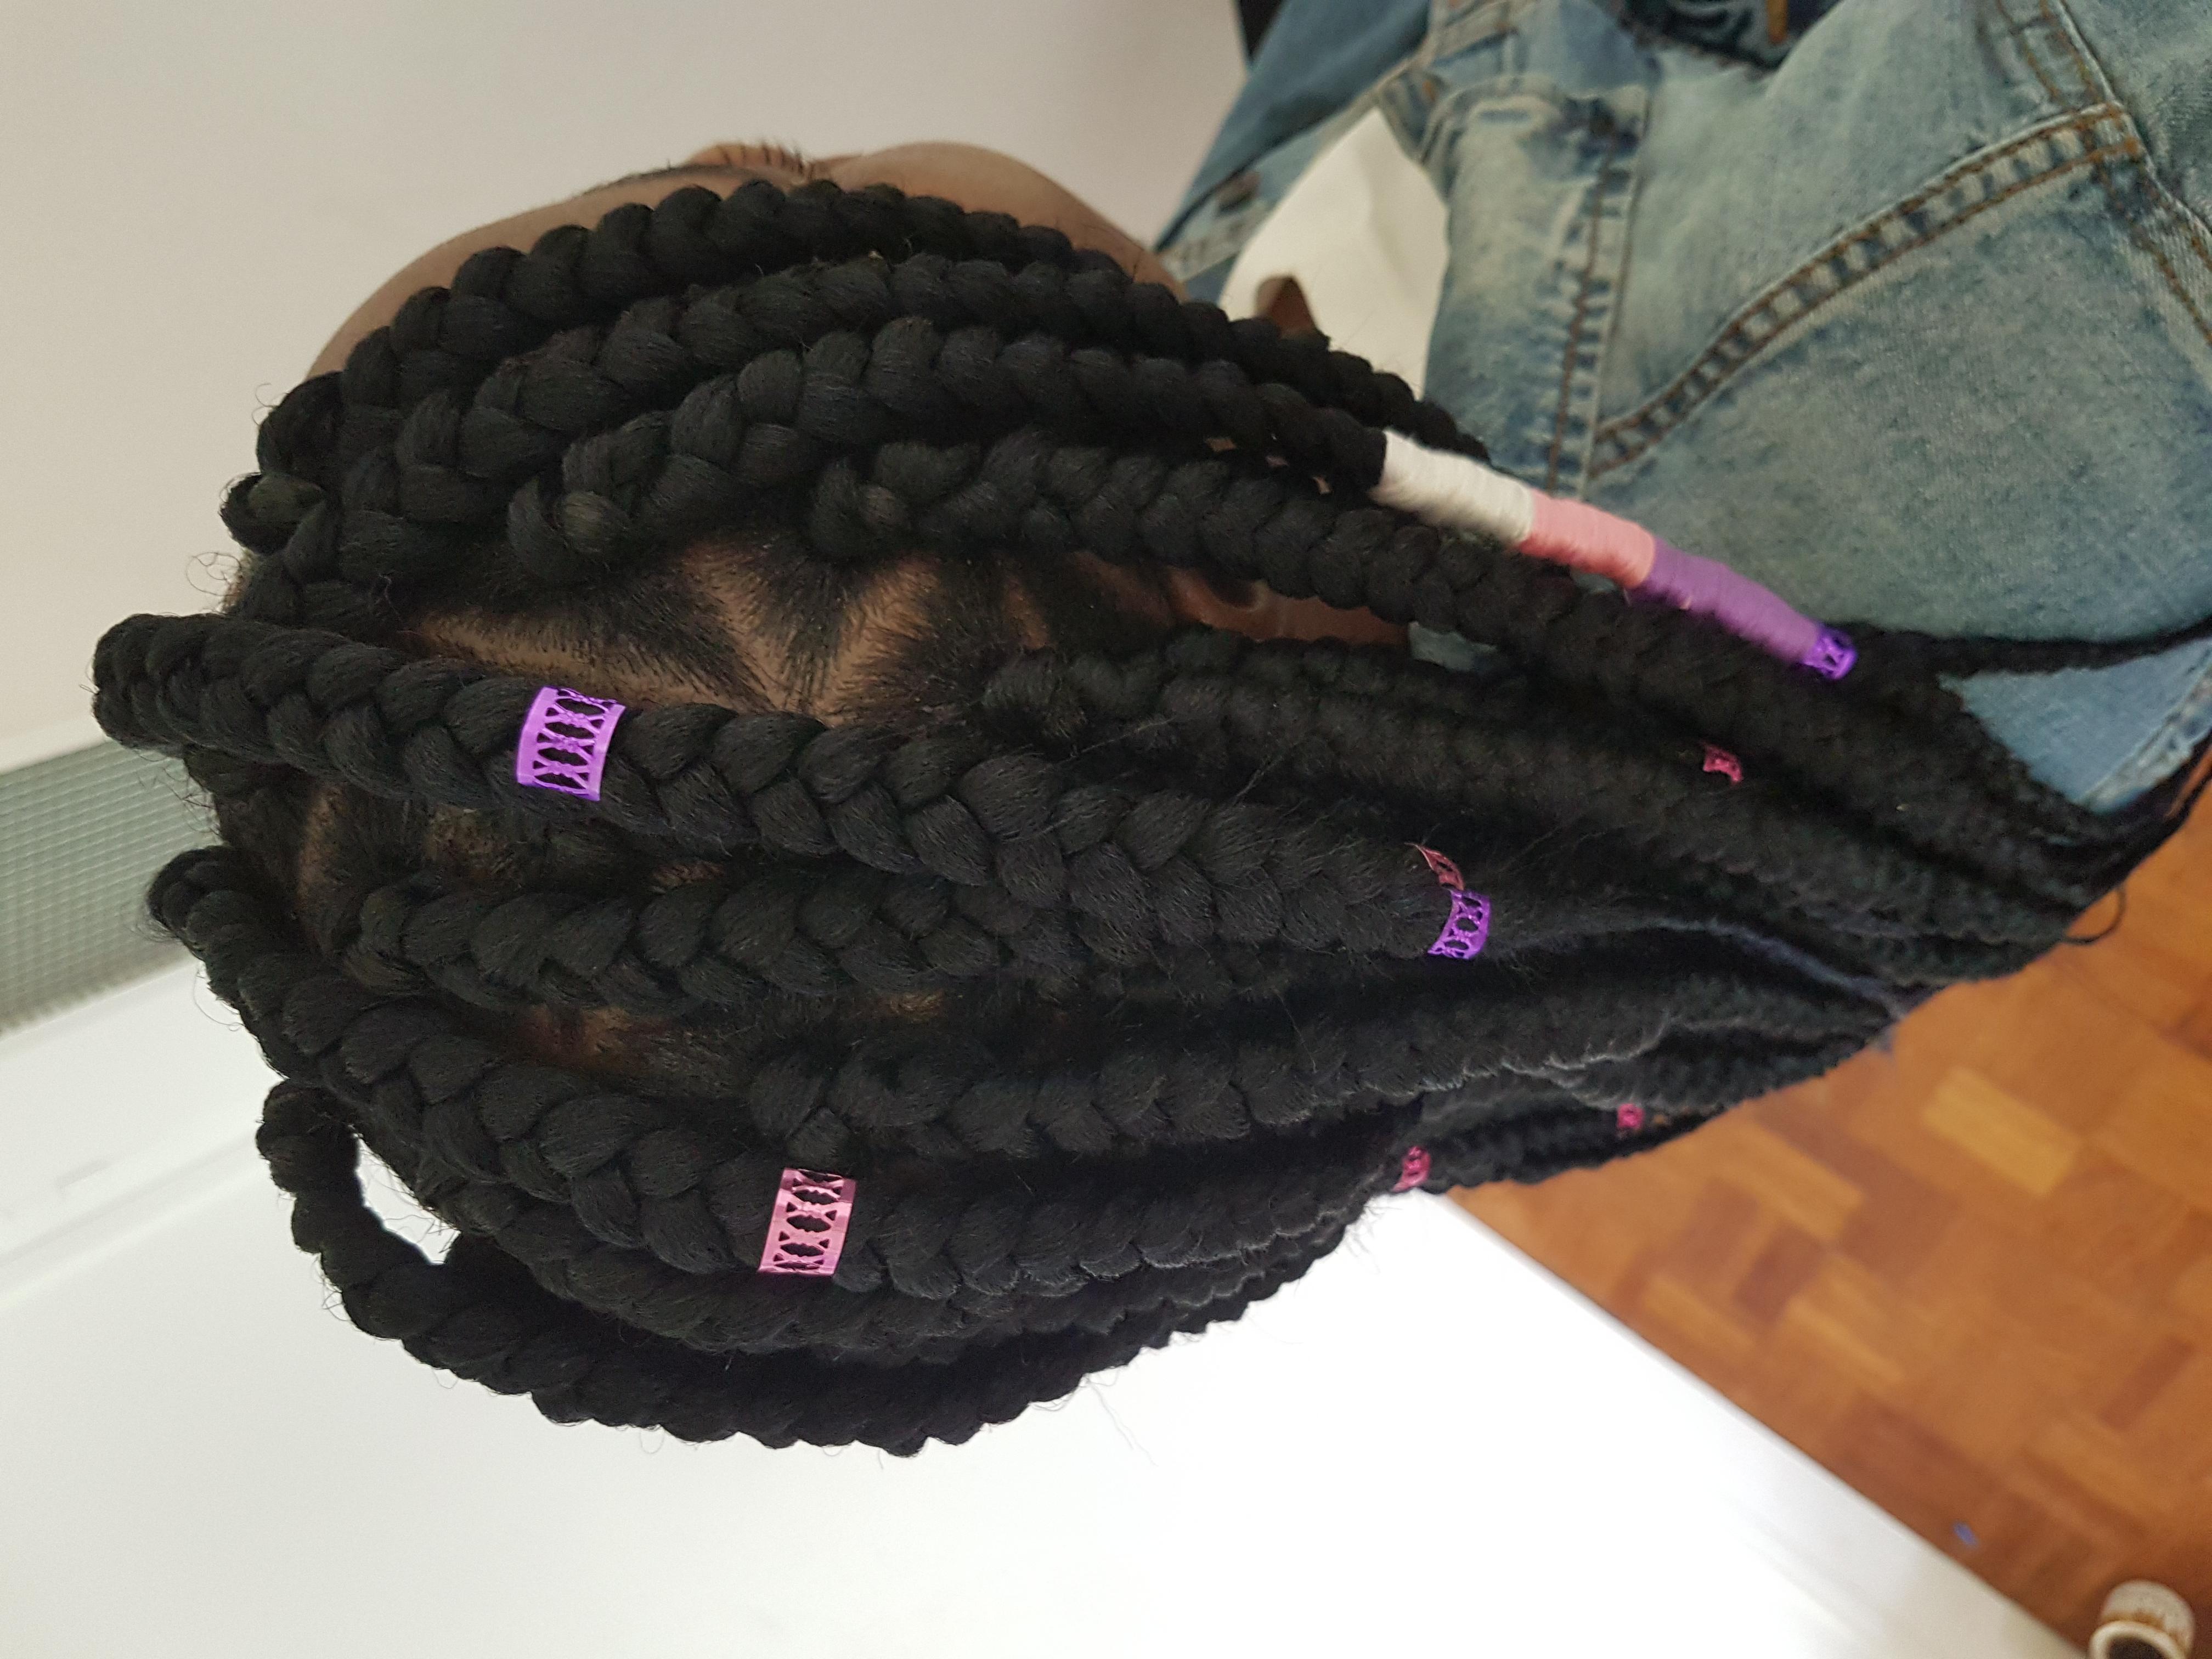 salon de coiffure afro tresse tresses box braids crochet braids vanilles tissages paris 75 77 78 91 92 93 94 95 TKYNOPVR